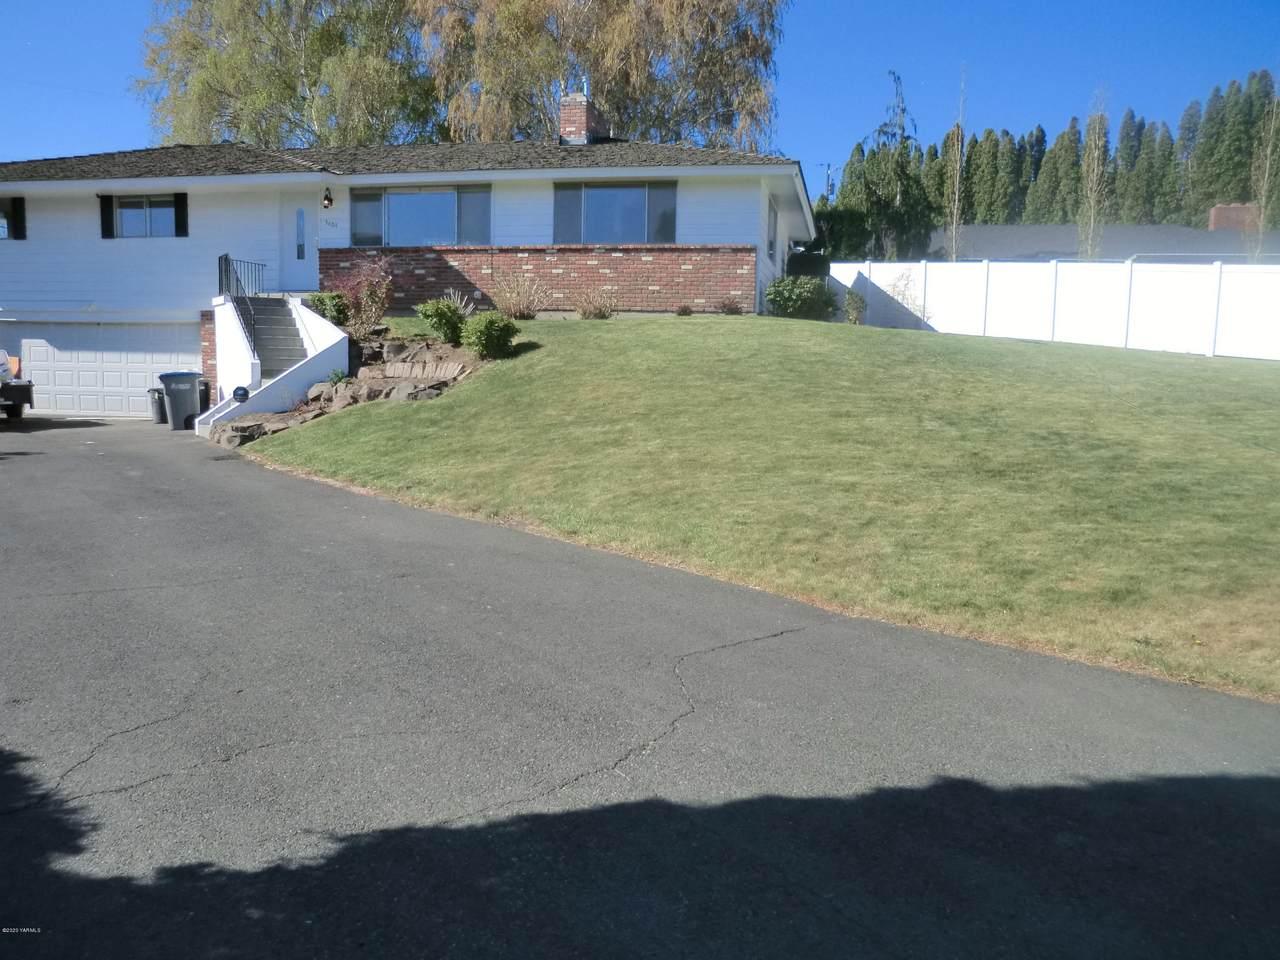 3404 Roosevelt Ave - Photo 1